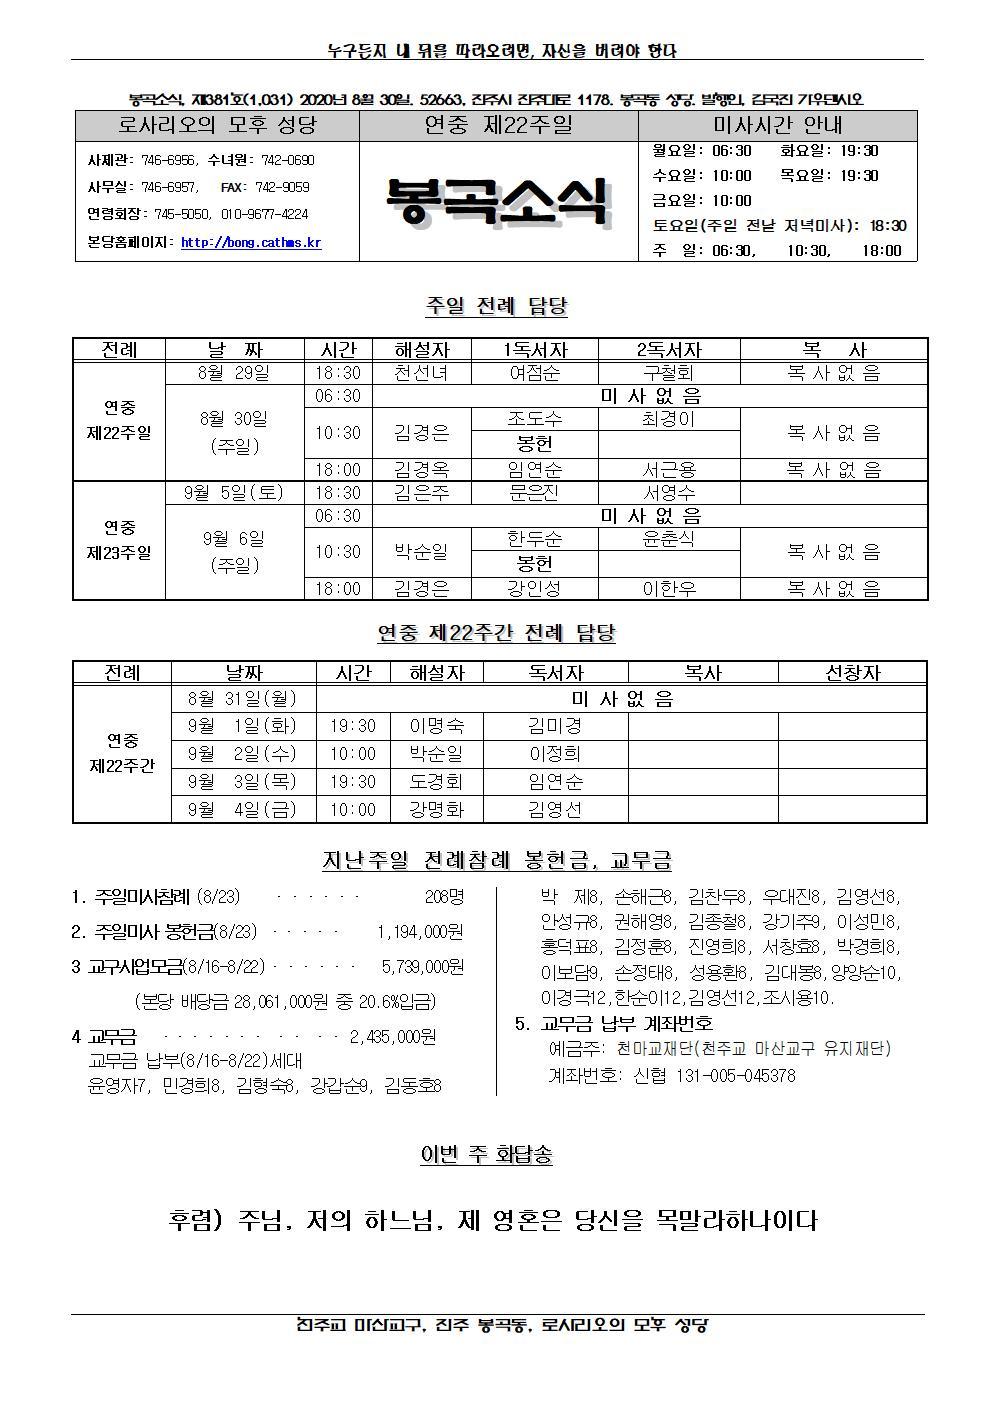 2020년 8월 30일- 연중 제22주일. 봉곡소식001.jpg